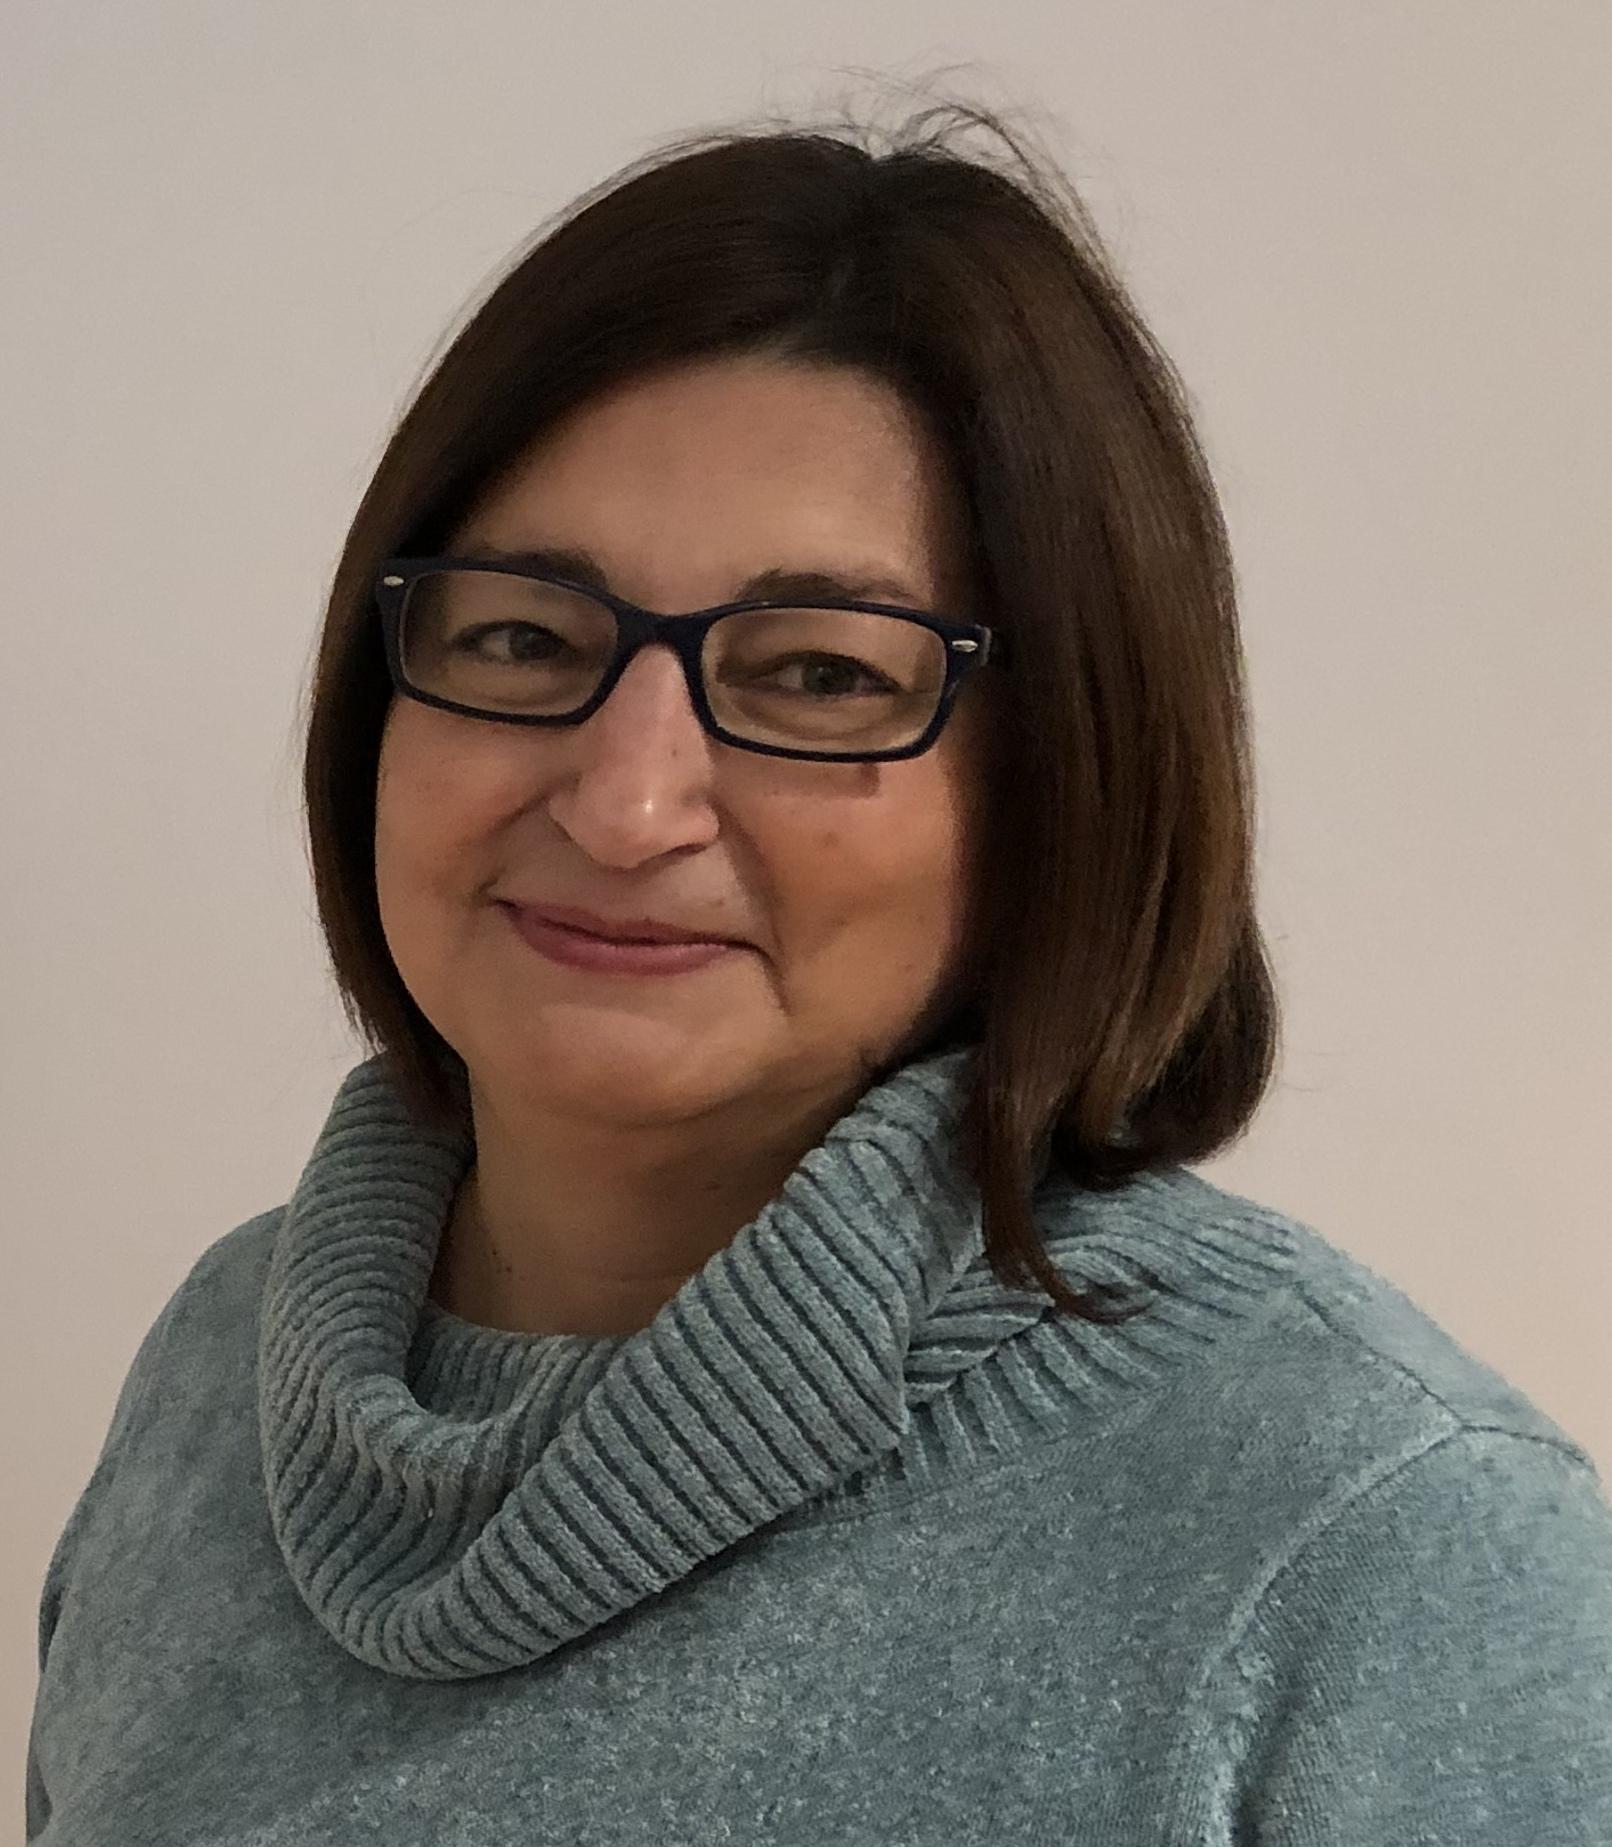 Conferencia de María José Guerra Palmero: ¿Quién se acuerda de la justicia global? Desfondamiento de la ciudadanía y vulnerabilidad tecno-eco-social | 8 junio 2019 18h #Avivament2019 #Streaming